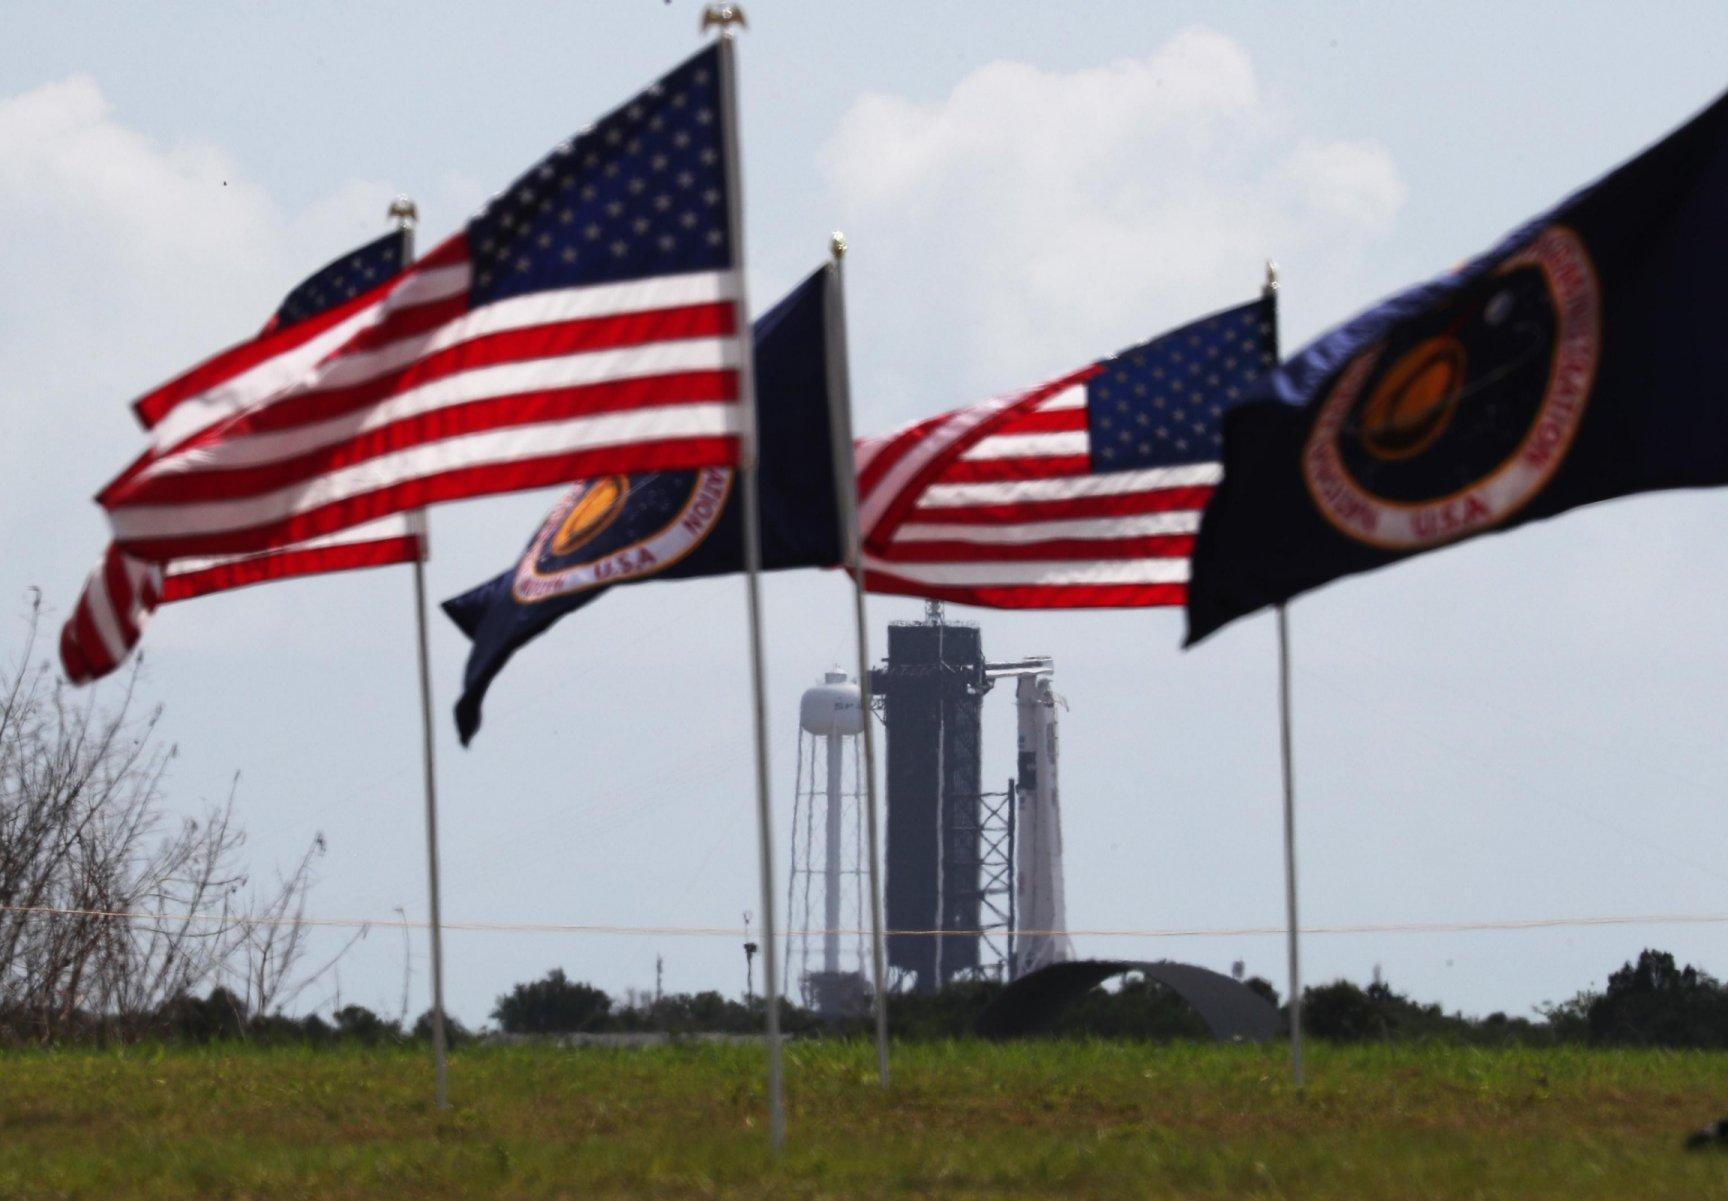 Focus, diretta nuovo tentativo lancio NASA SpaceX Falcon 9 Dragon 2